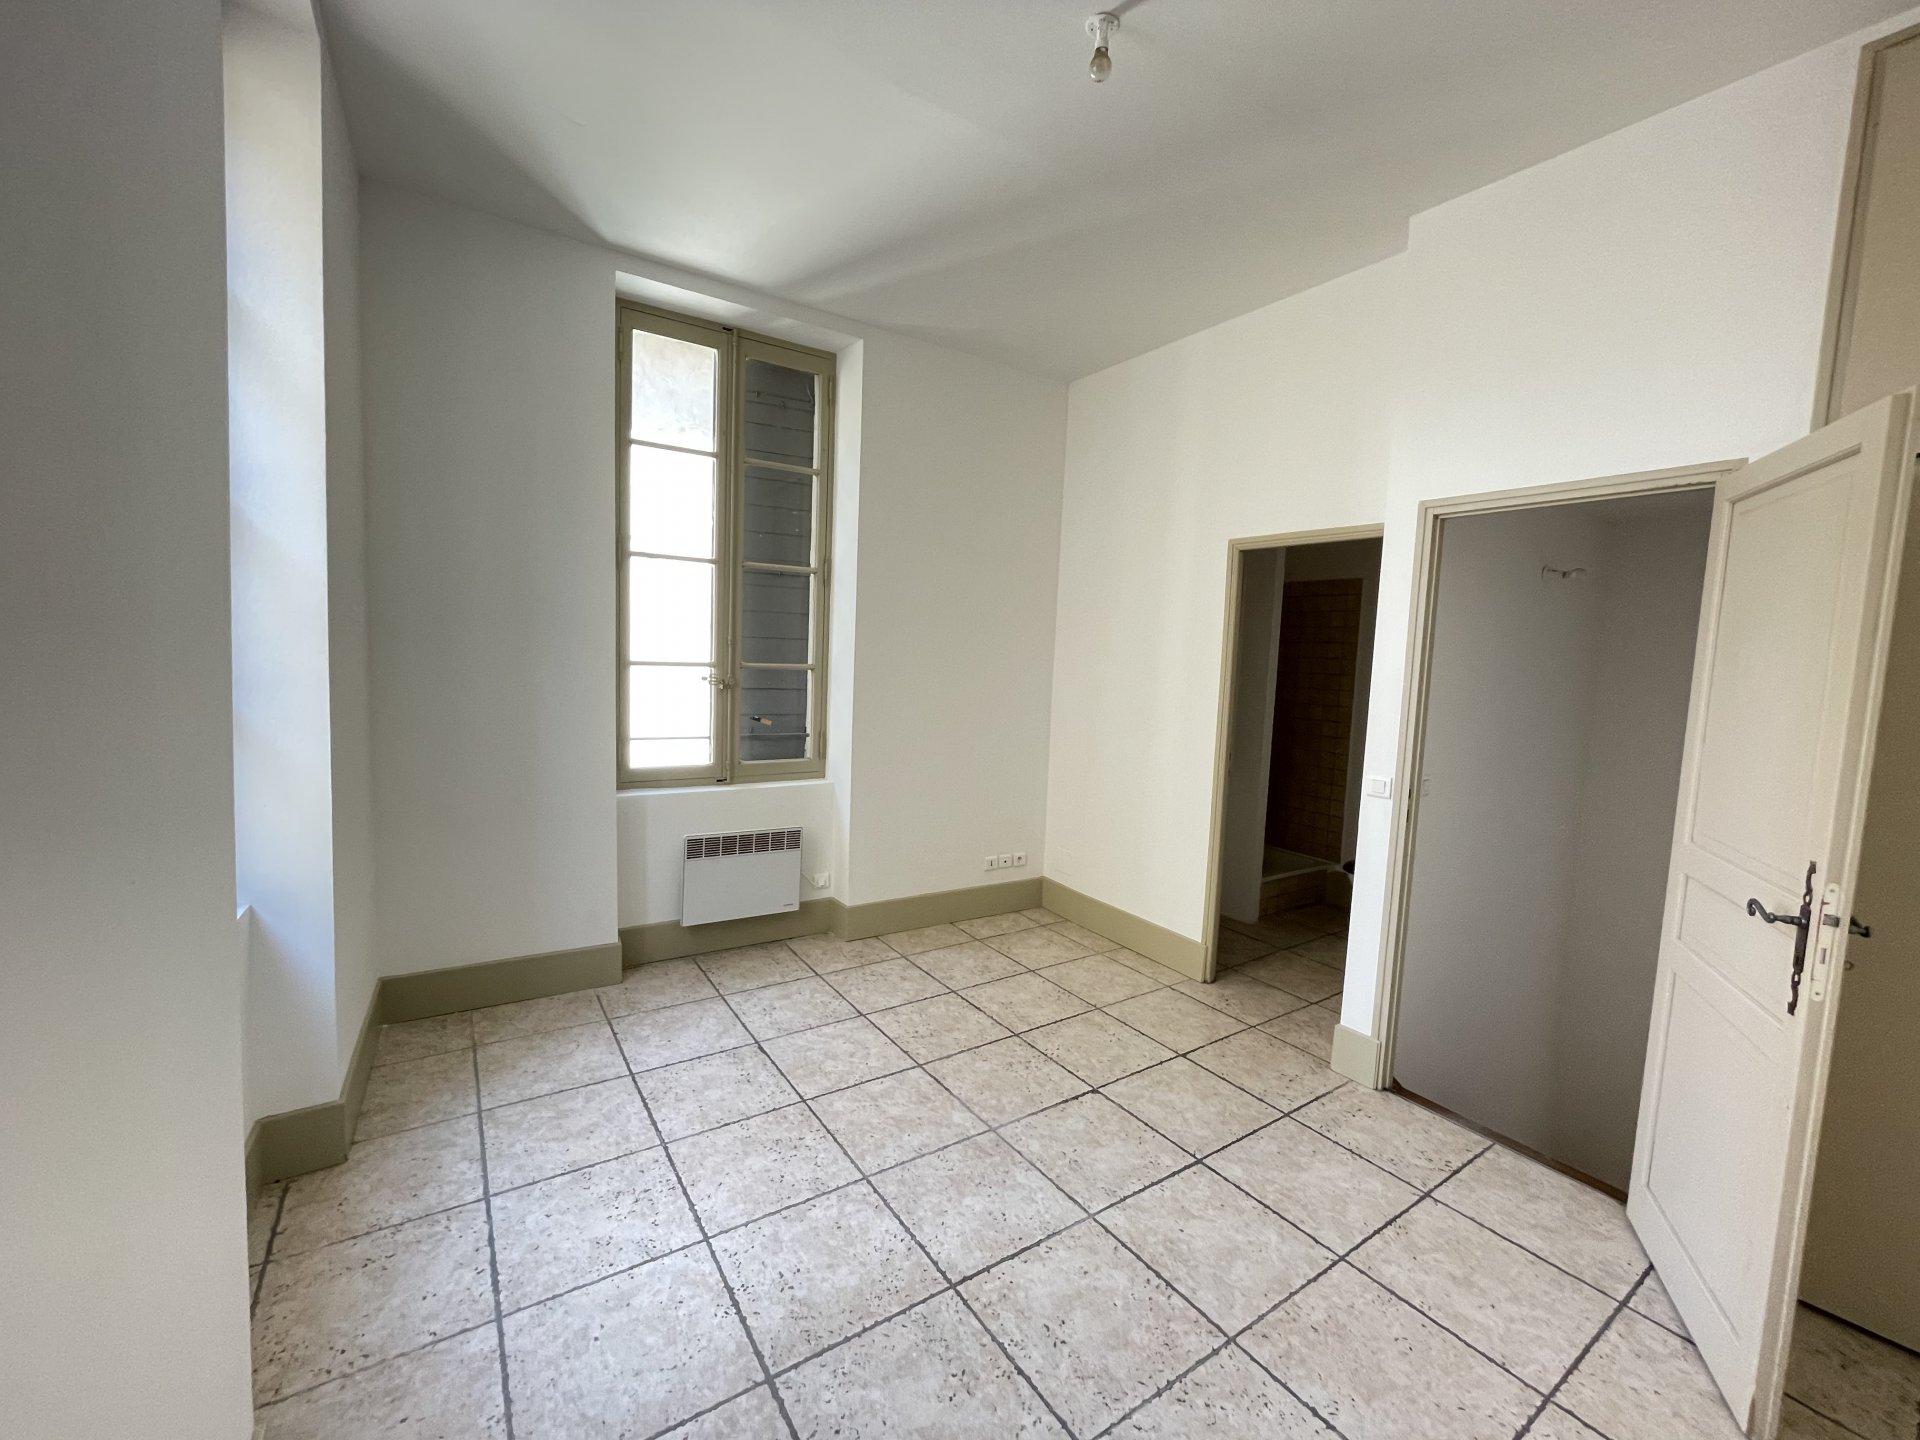 Vente Appartement BEAUCAIRE surface habitable de 0 m²